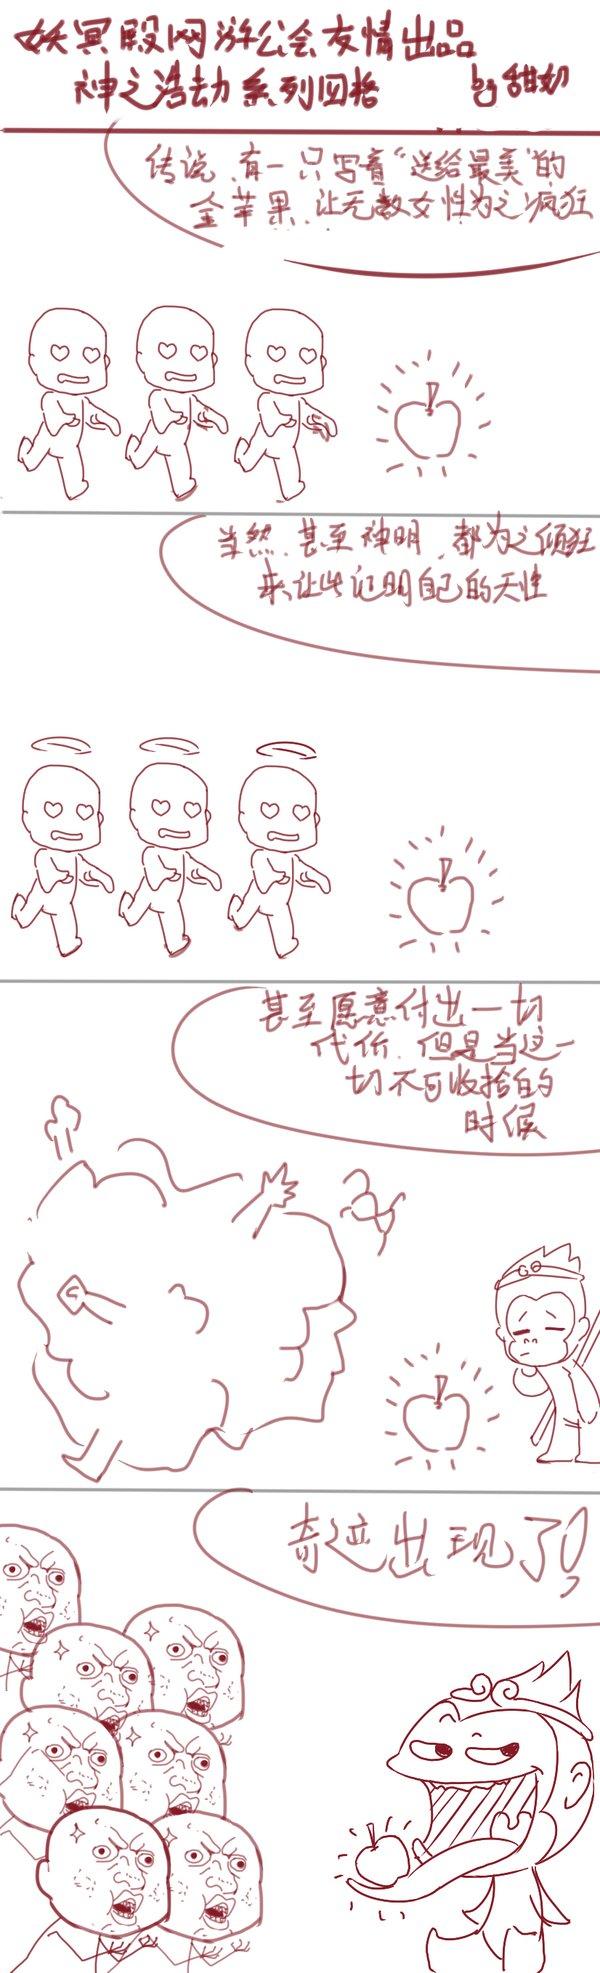 神之浩劫玩家原创漫画:我们都爱金苹果